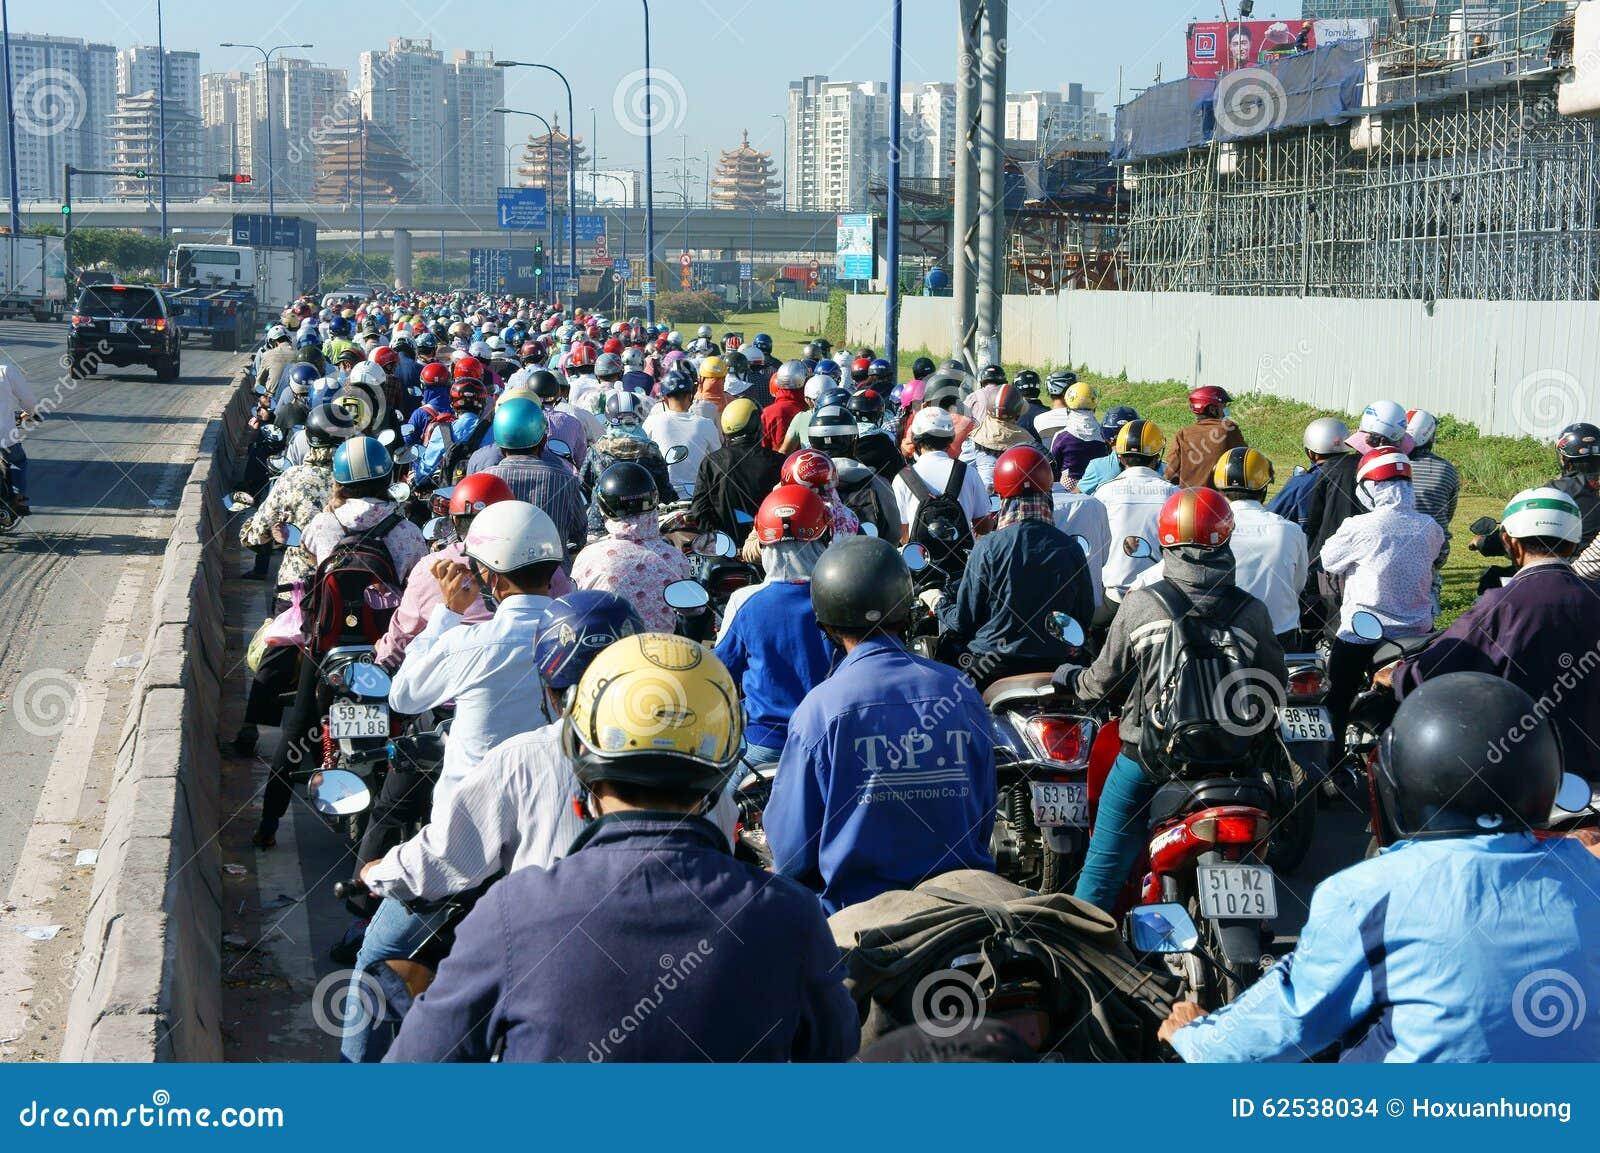 高峰时间,摩托车,交通堵塞,亚洲城市